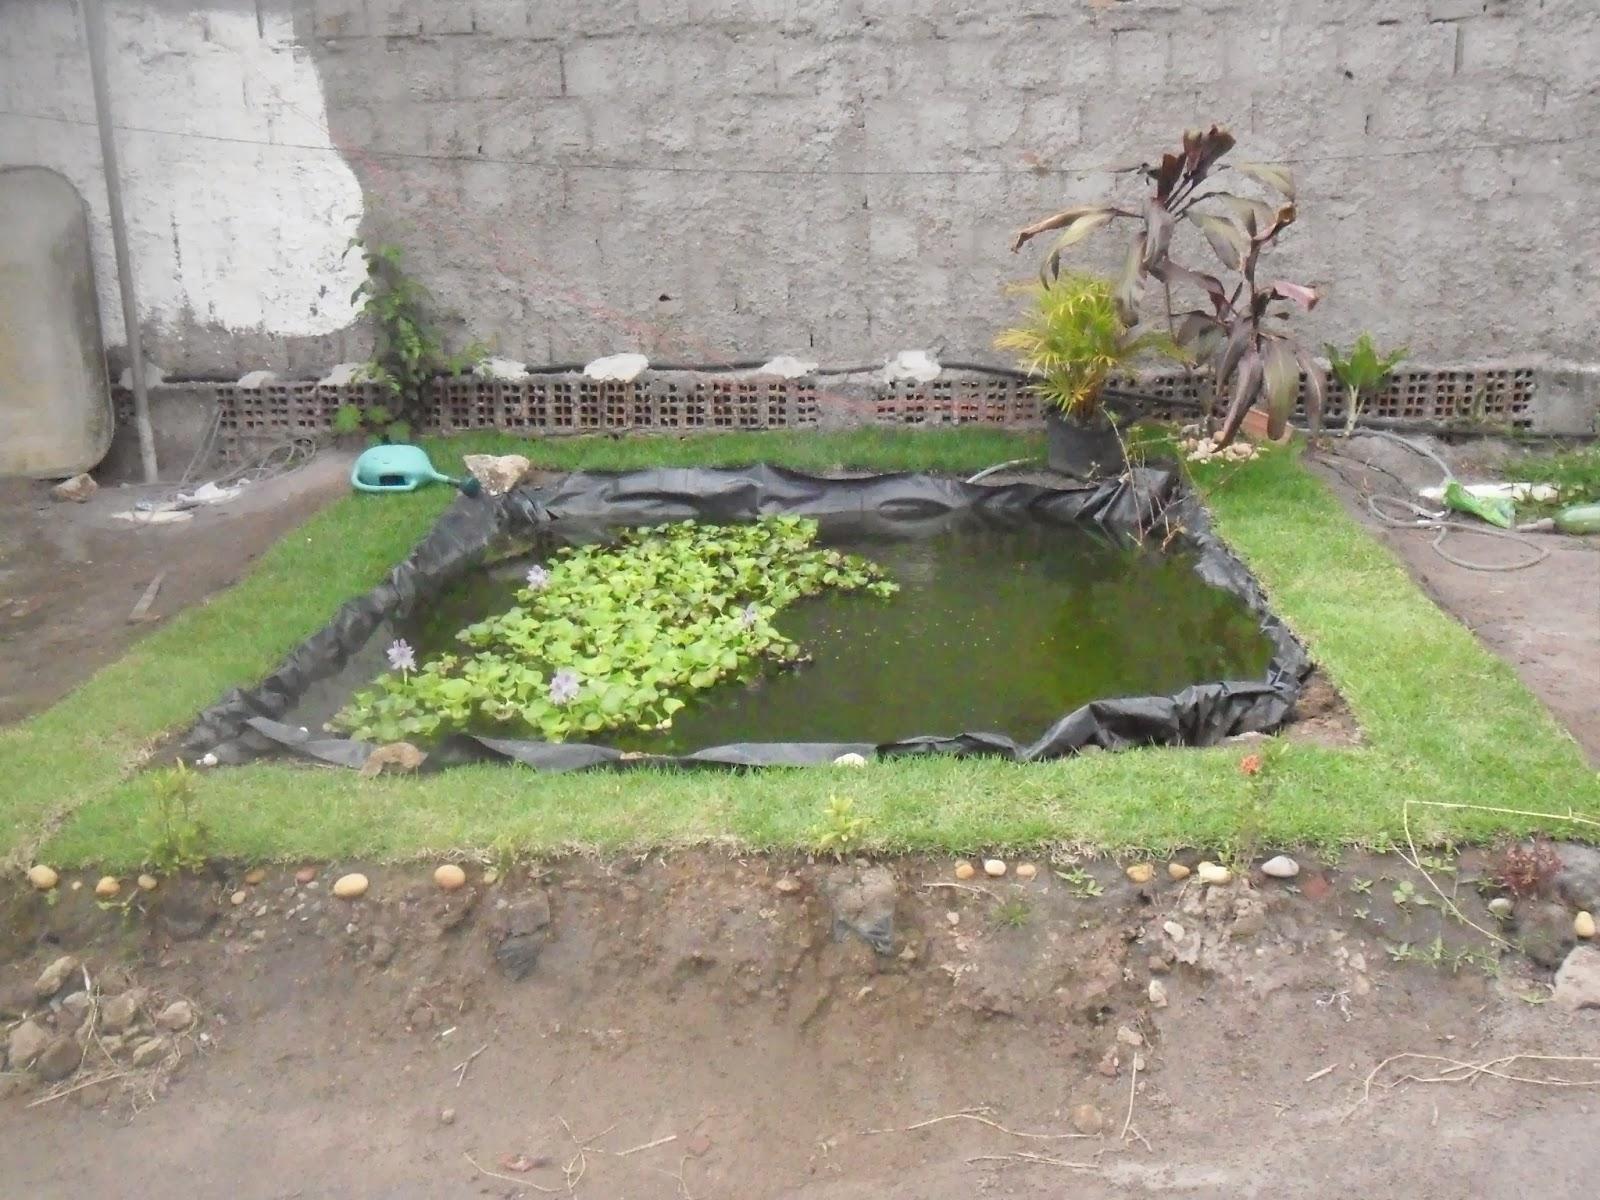 Cria o de tambaqui e til pias em tanques de lona brasil for Como criar tilapias